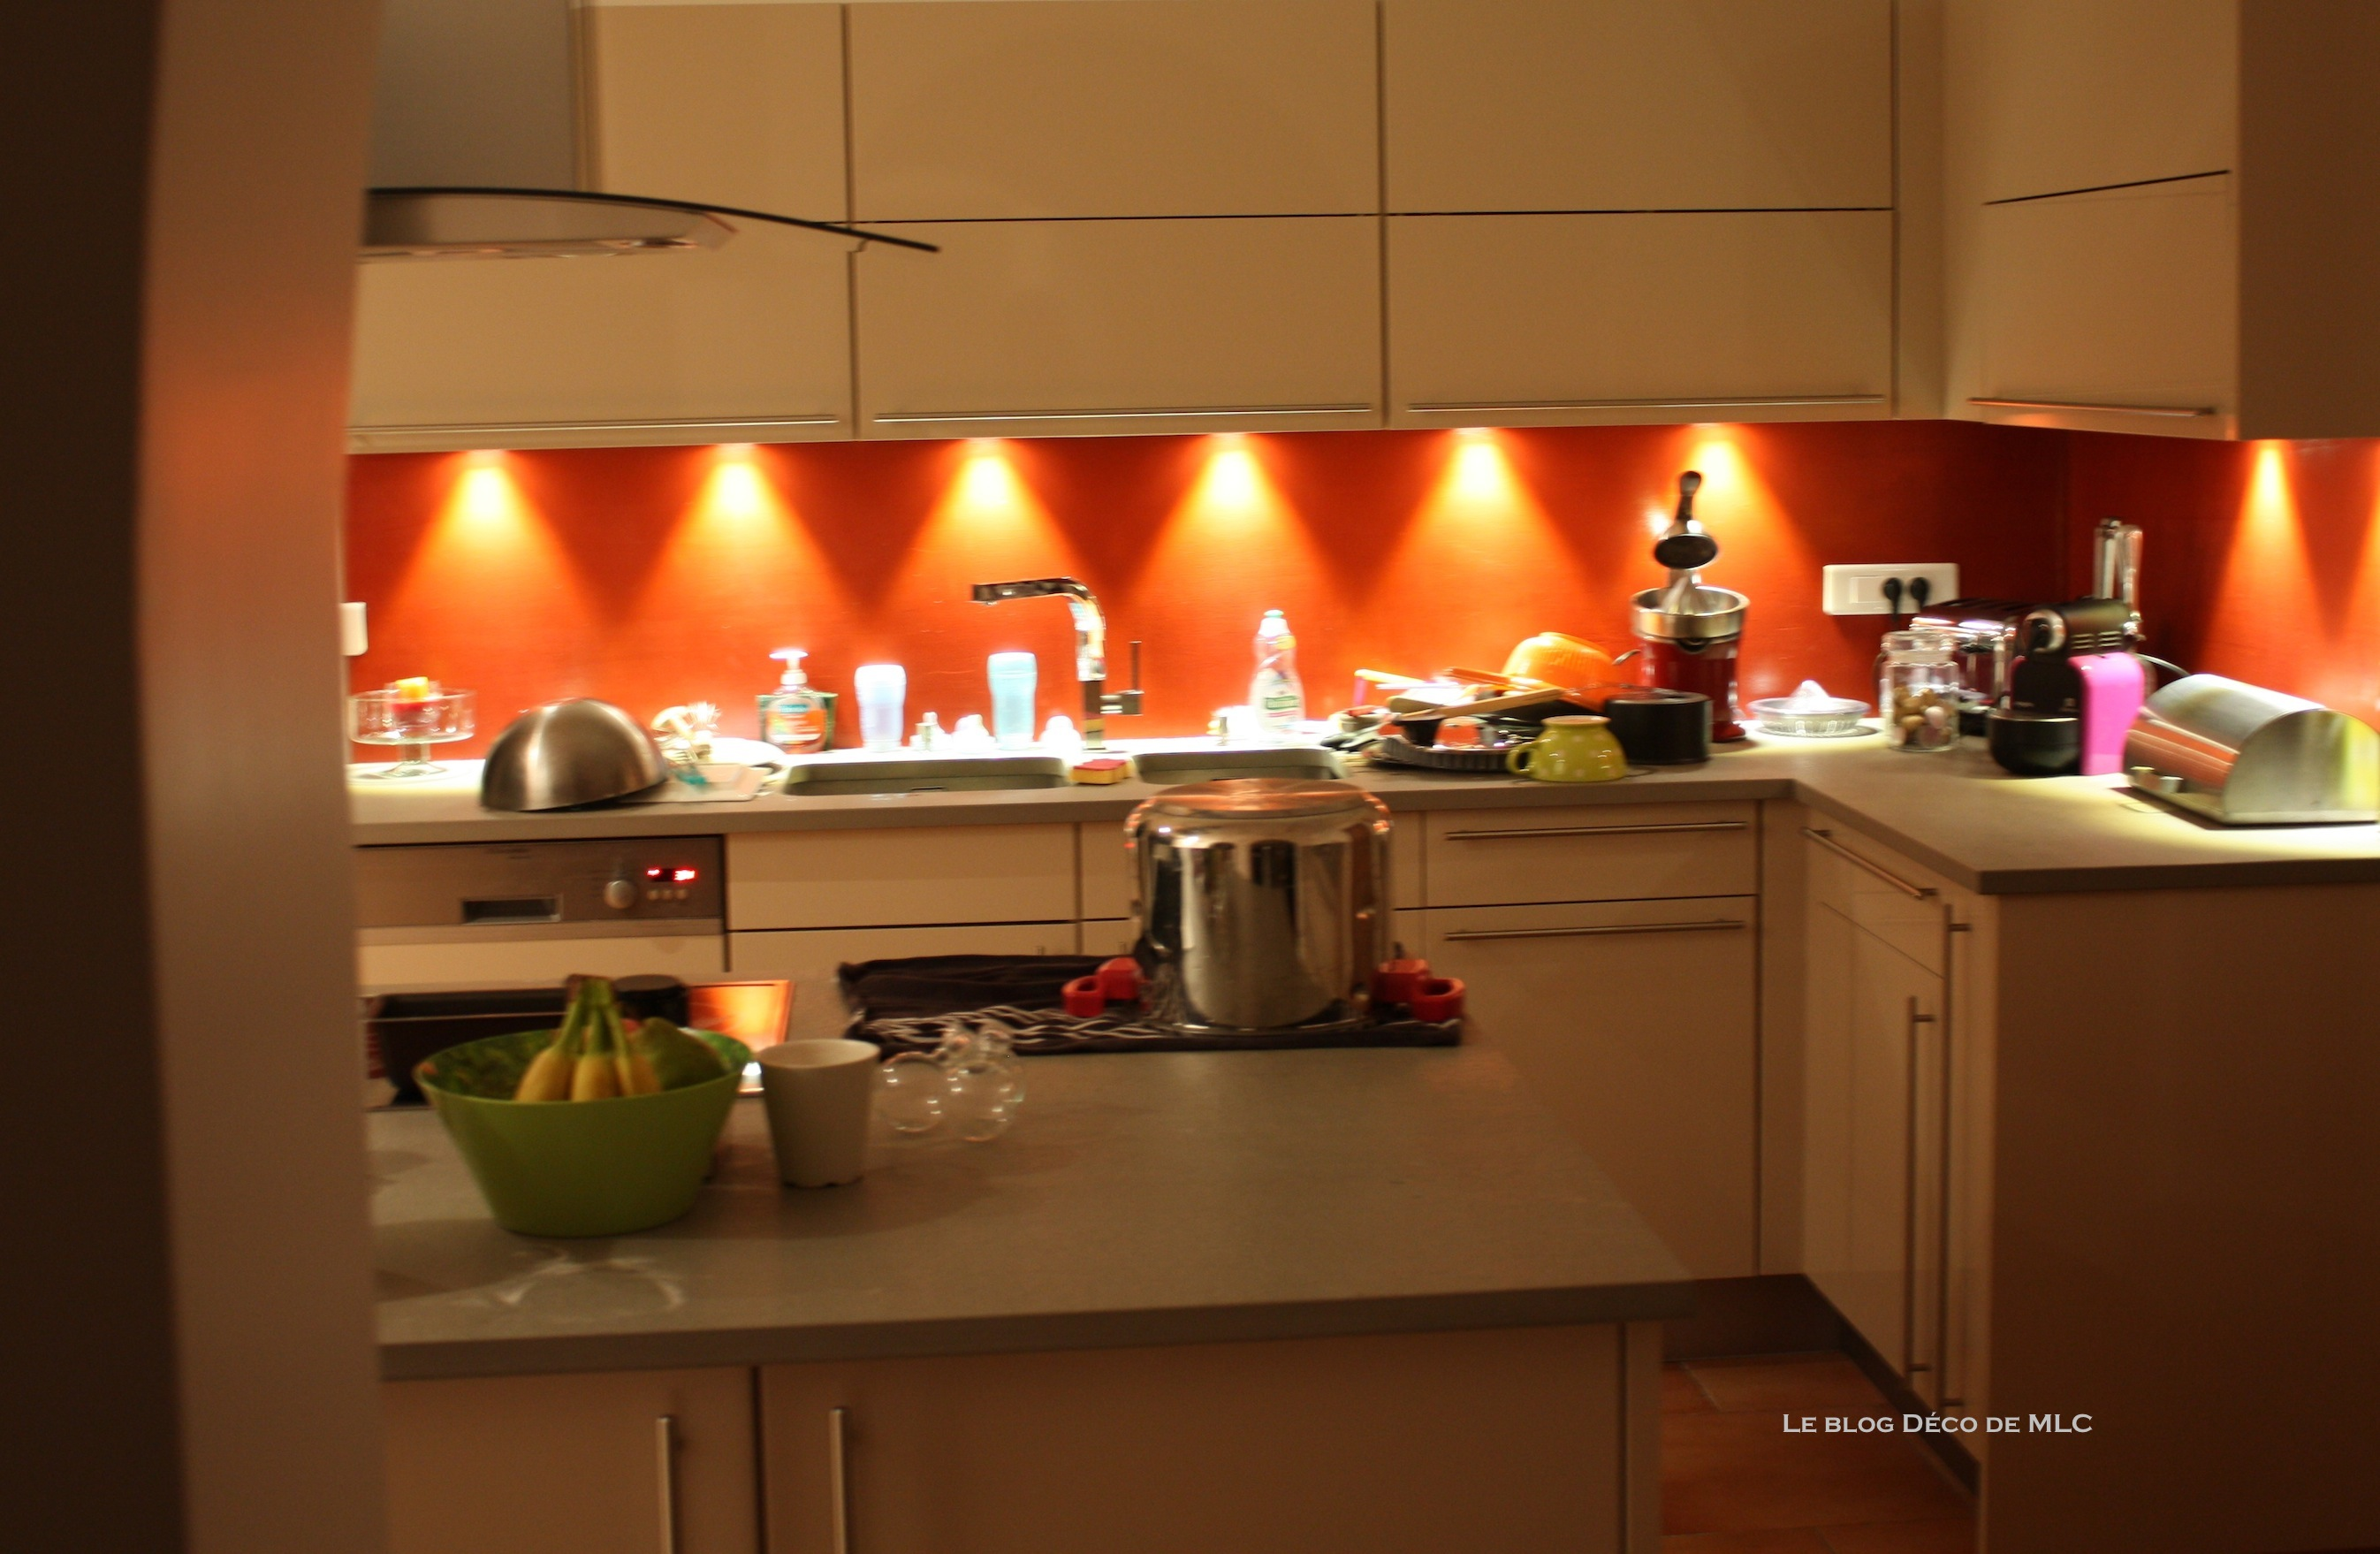 cuisine meubles beige sur fond rouge cuisine couleur darty le blog d co de mlc. Black Bedroom Furniture Sets. Home Design Ideas